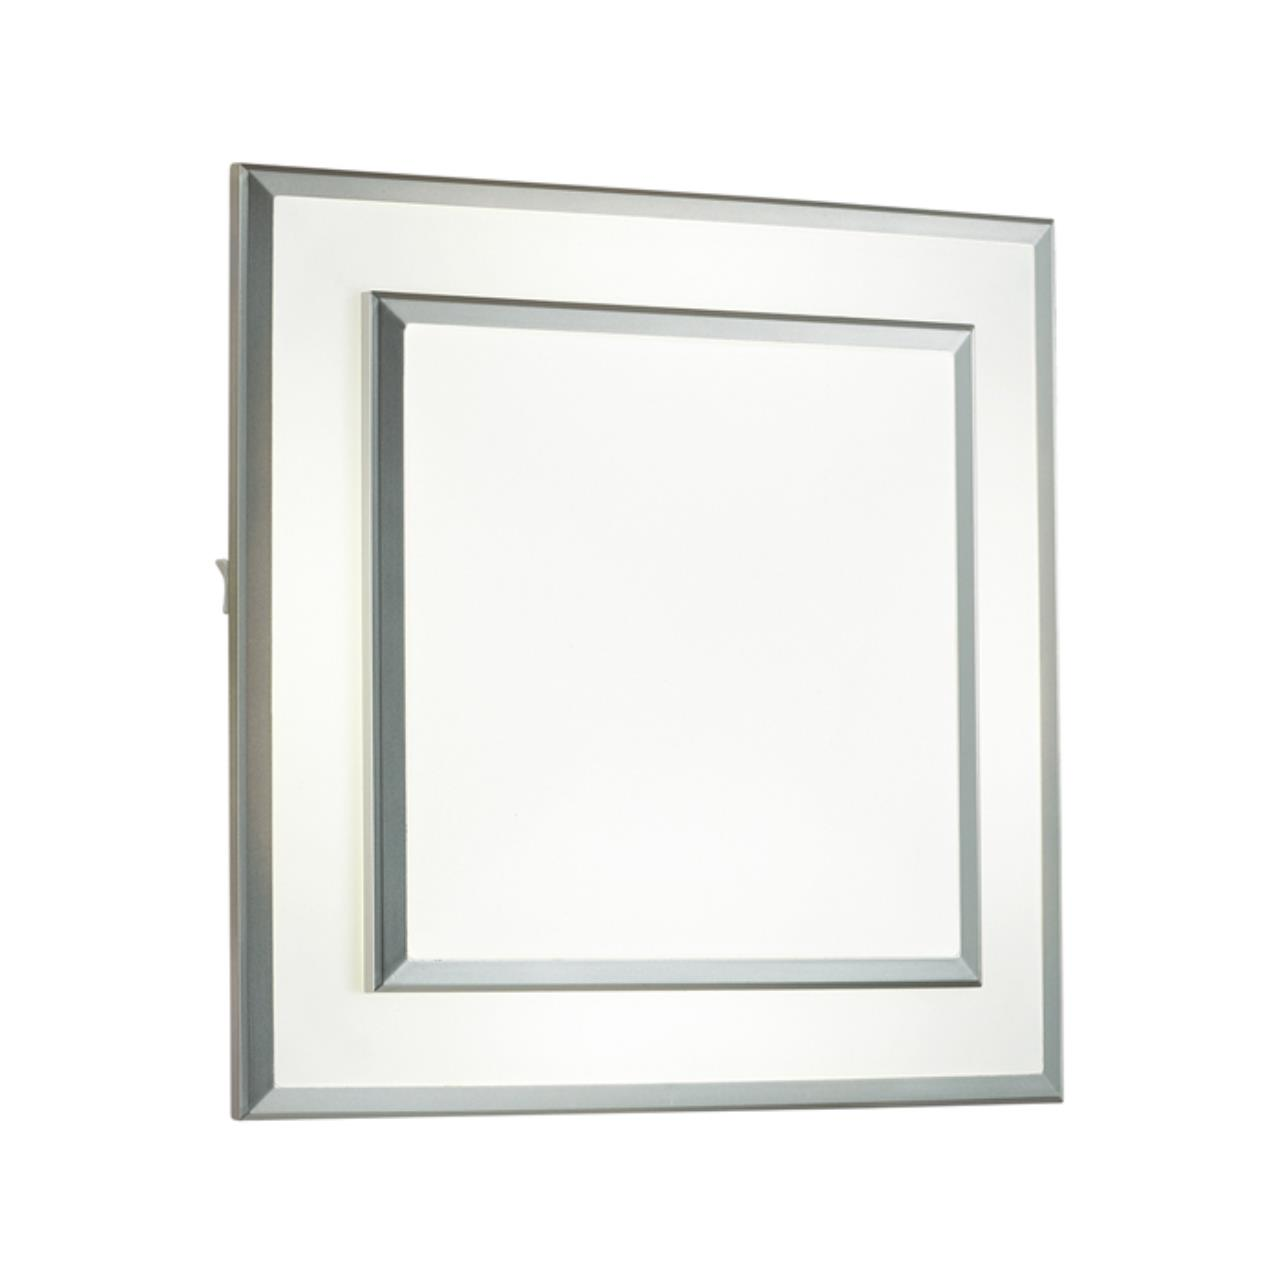 4625/48CL L-VISION ODL19 112 серебристый/белый Потолочный светильник LED 48W BERNAR